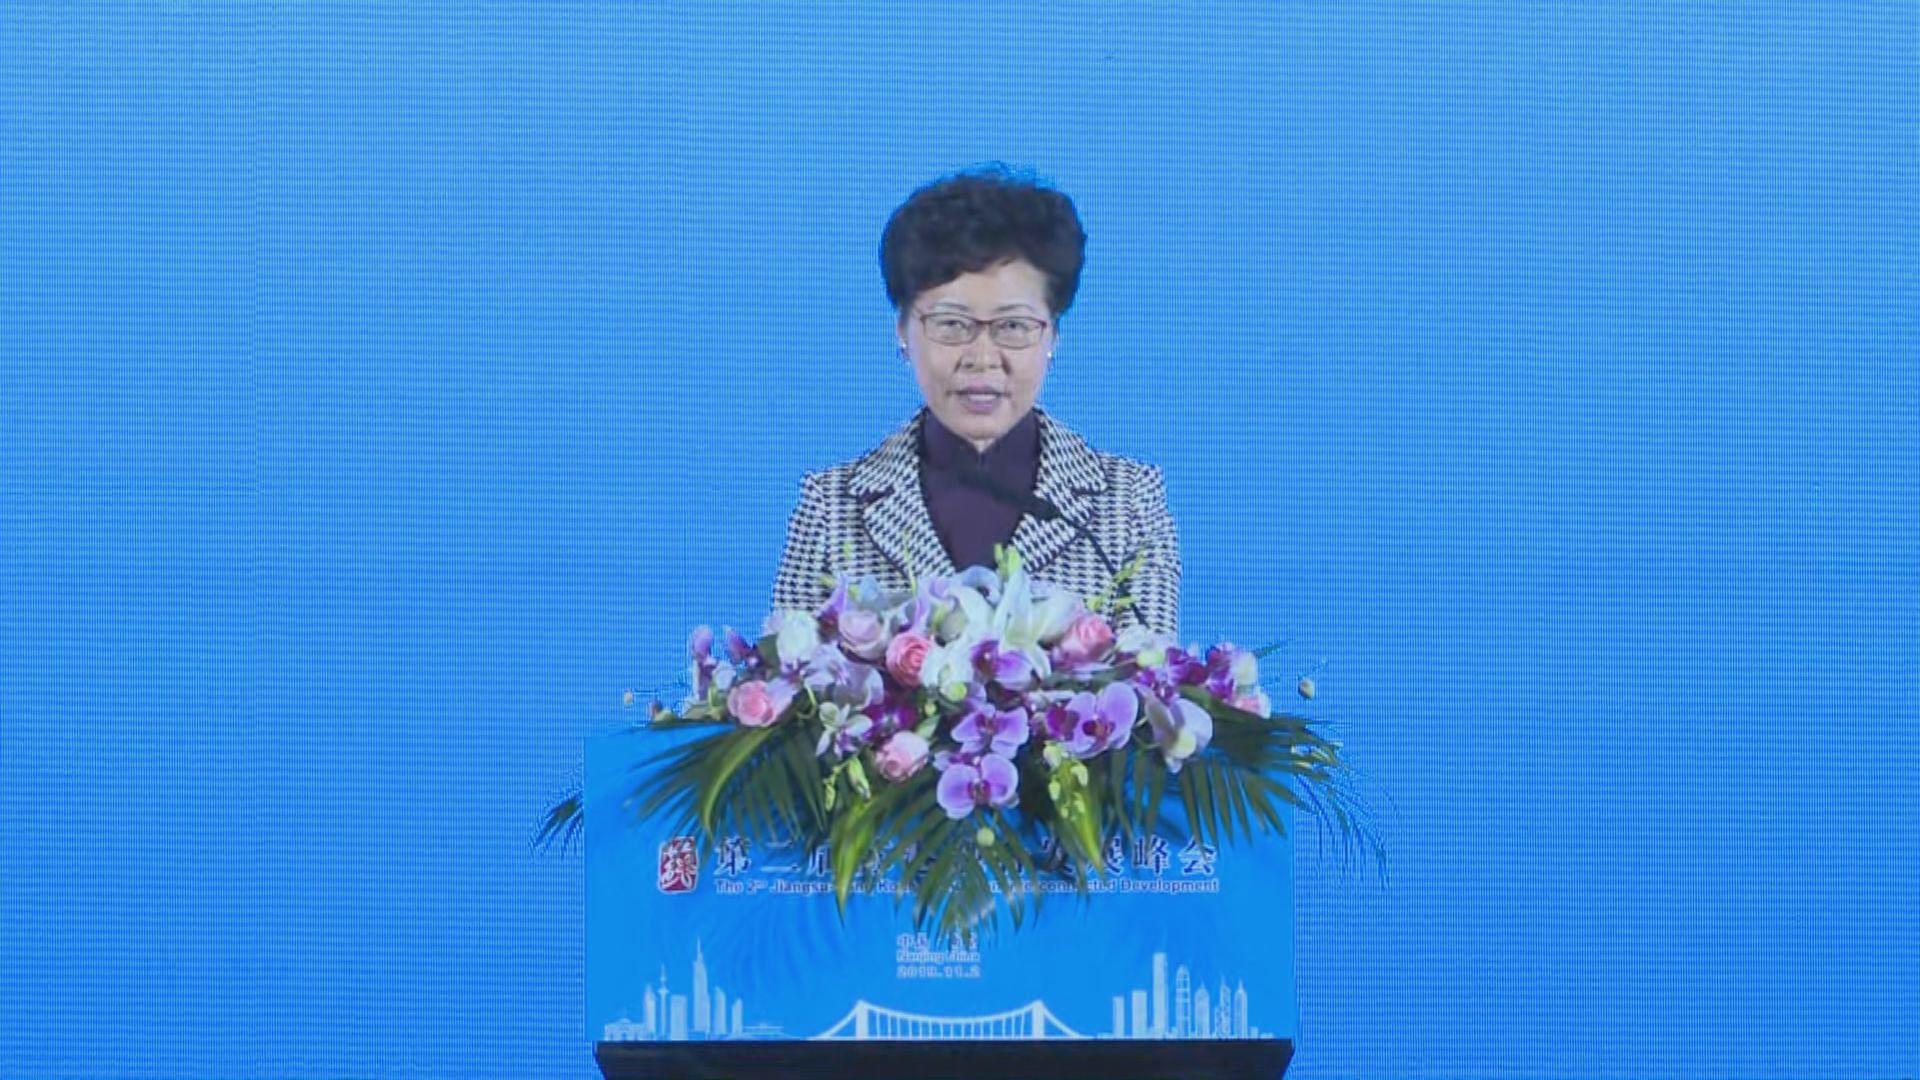 林鄭:待社會回復平靜 香港肯定可以重新出發